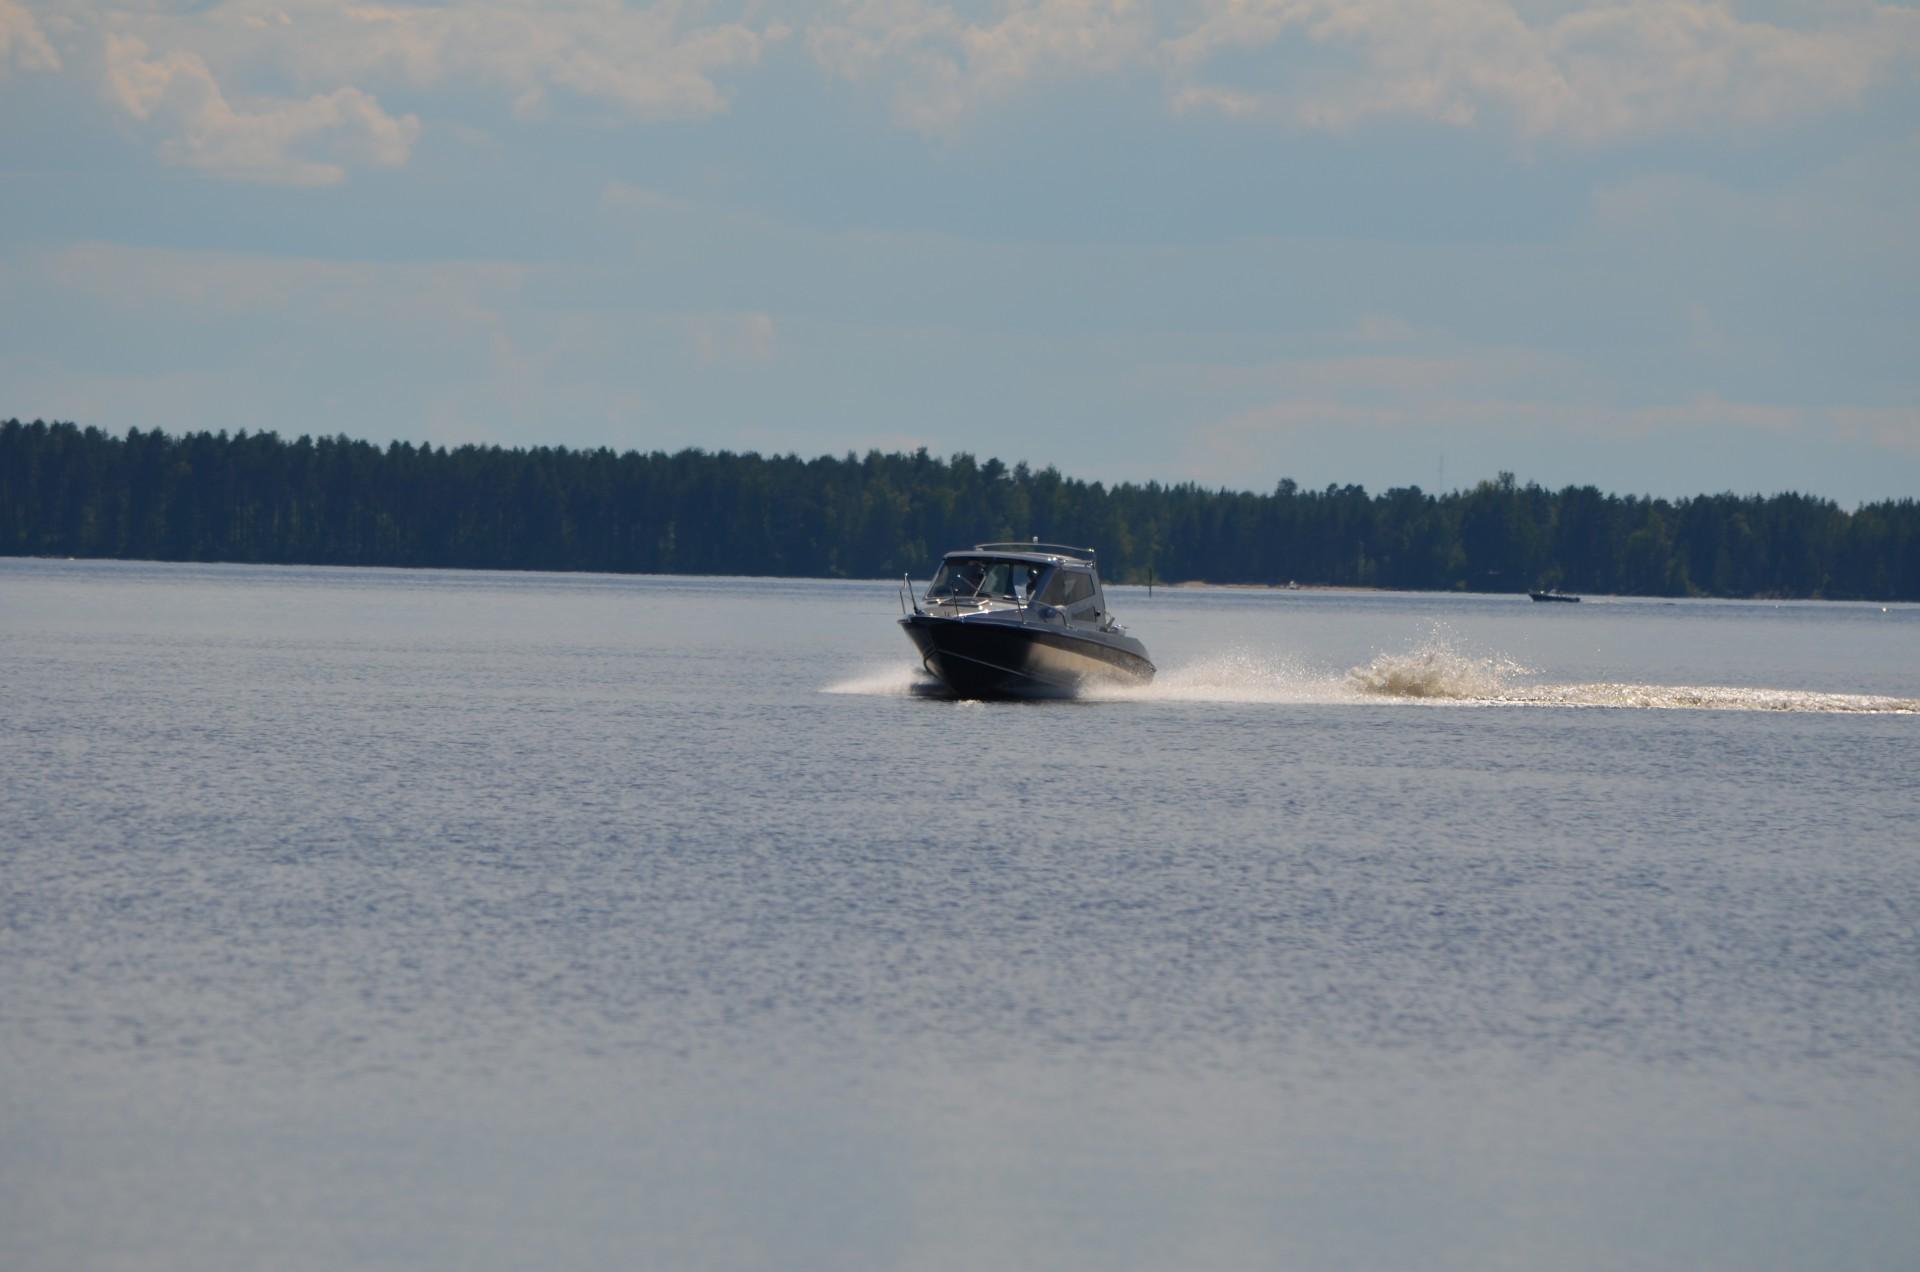 Alumiinirunkoiset monitoimiveneet ovat yleistyneet Oulujärvellä.